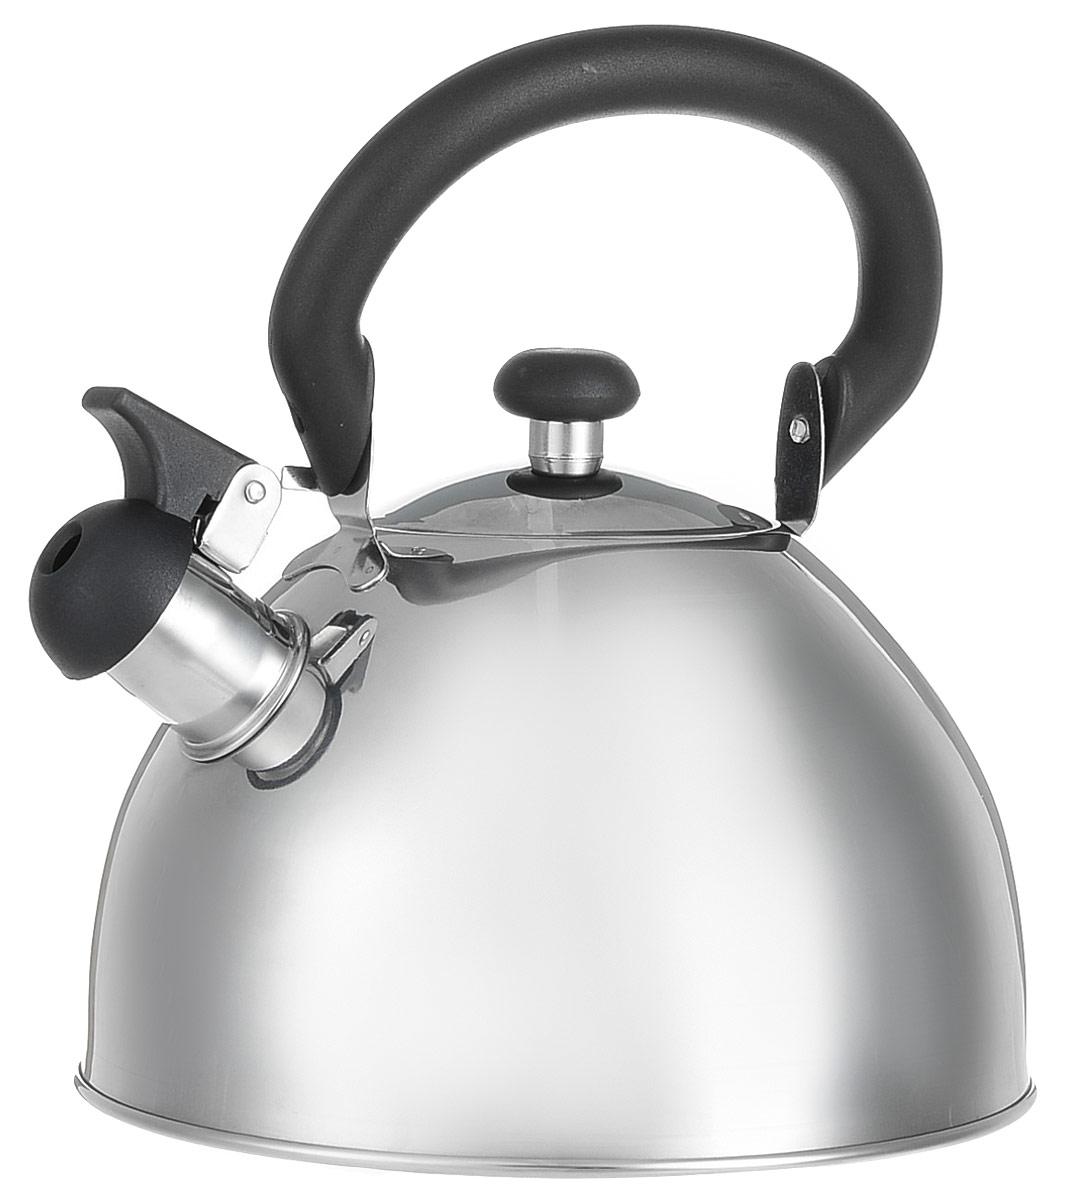 Чайник Appetite со свистком, 2,5 л. HSK-H049HSK-H049Чайник Appetite изготовлен из высококачественной нержавеющей стали с 3-х слойным термоаккумулирующим дном. Нержавеющая сталь обладает высокой устойчивостью к коррозии, не вступает в реакцию с холодными и горячими продуктами и полностью сохраняет их вкусовые качества. Особая конструкция дна способствует высокой теплопроводности и равномерному распределению тепла. Чайник оснащен черной пластиковой удобной ручкой. Носик чайника имеет откидной свисток, звуковой сигнал которого подскажет, когда закипит вода. Чайник Appetite пригоден для использования на всех видах плит, кроме индукционных. Можно мыть в посудомоечной машине. Характеристики:Материал:нержавеющая сталь, пластик. Объем:2,5 л. Диаметр основания чайника: 20 см. Высота чайника (с учетом ручки):24 см. Размер упаковки: 20,5 см х 20,5 см х 16,5 см. Артикул: HSK-H049.